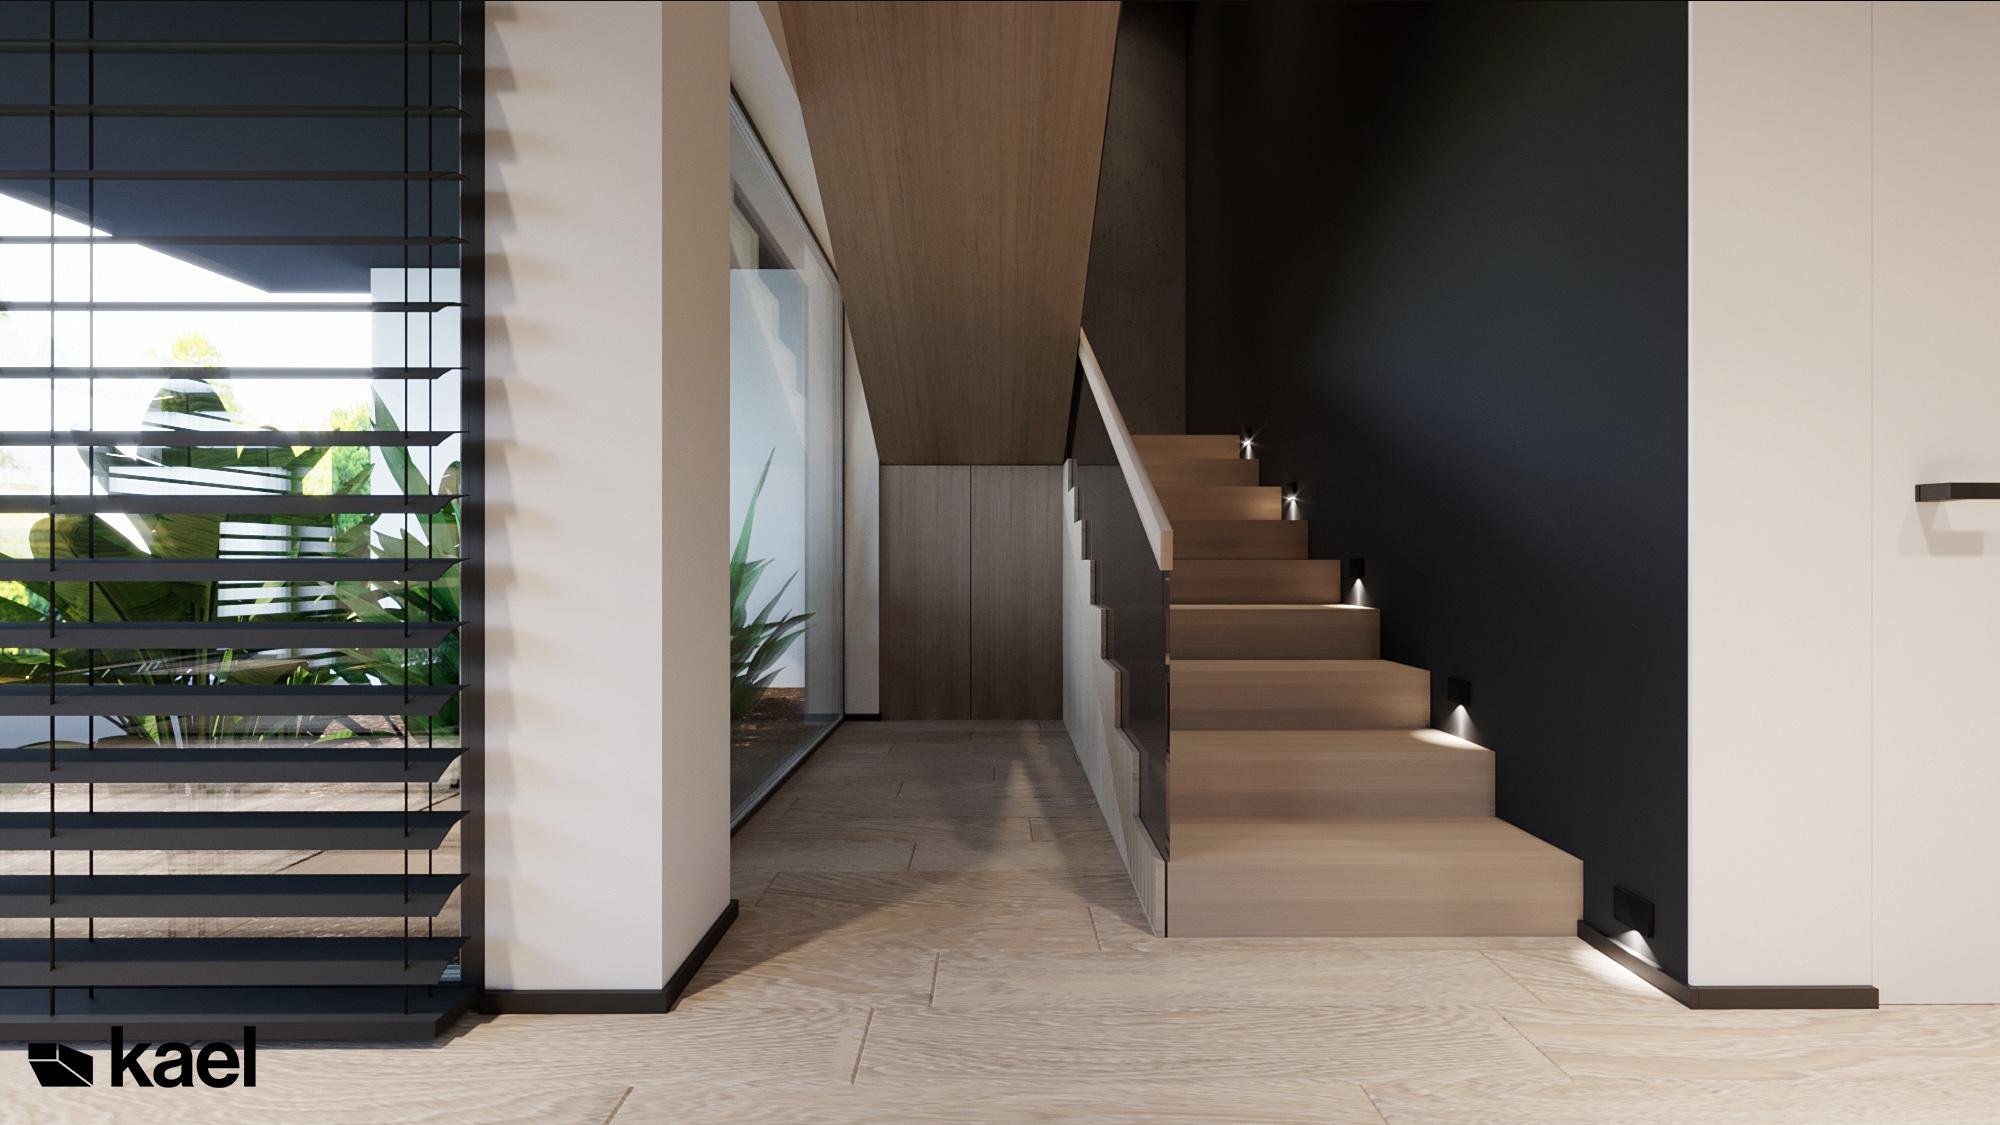 Schody - Czumy II - projekt wnętrza domu w zabudowie szeregowej - Kael